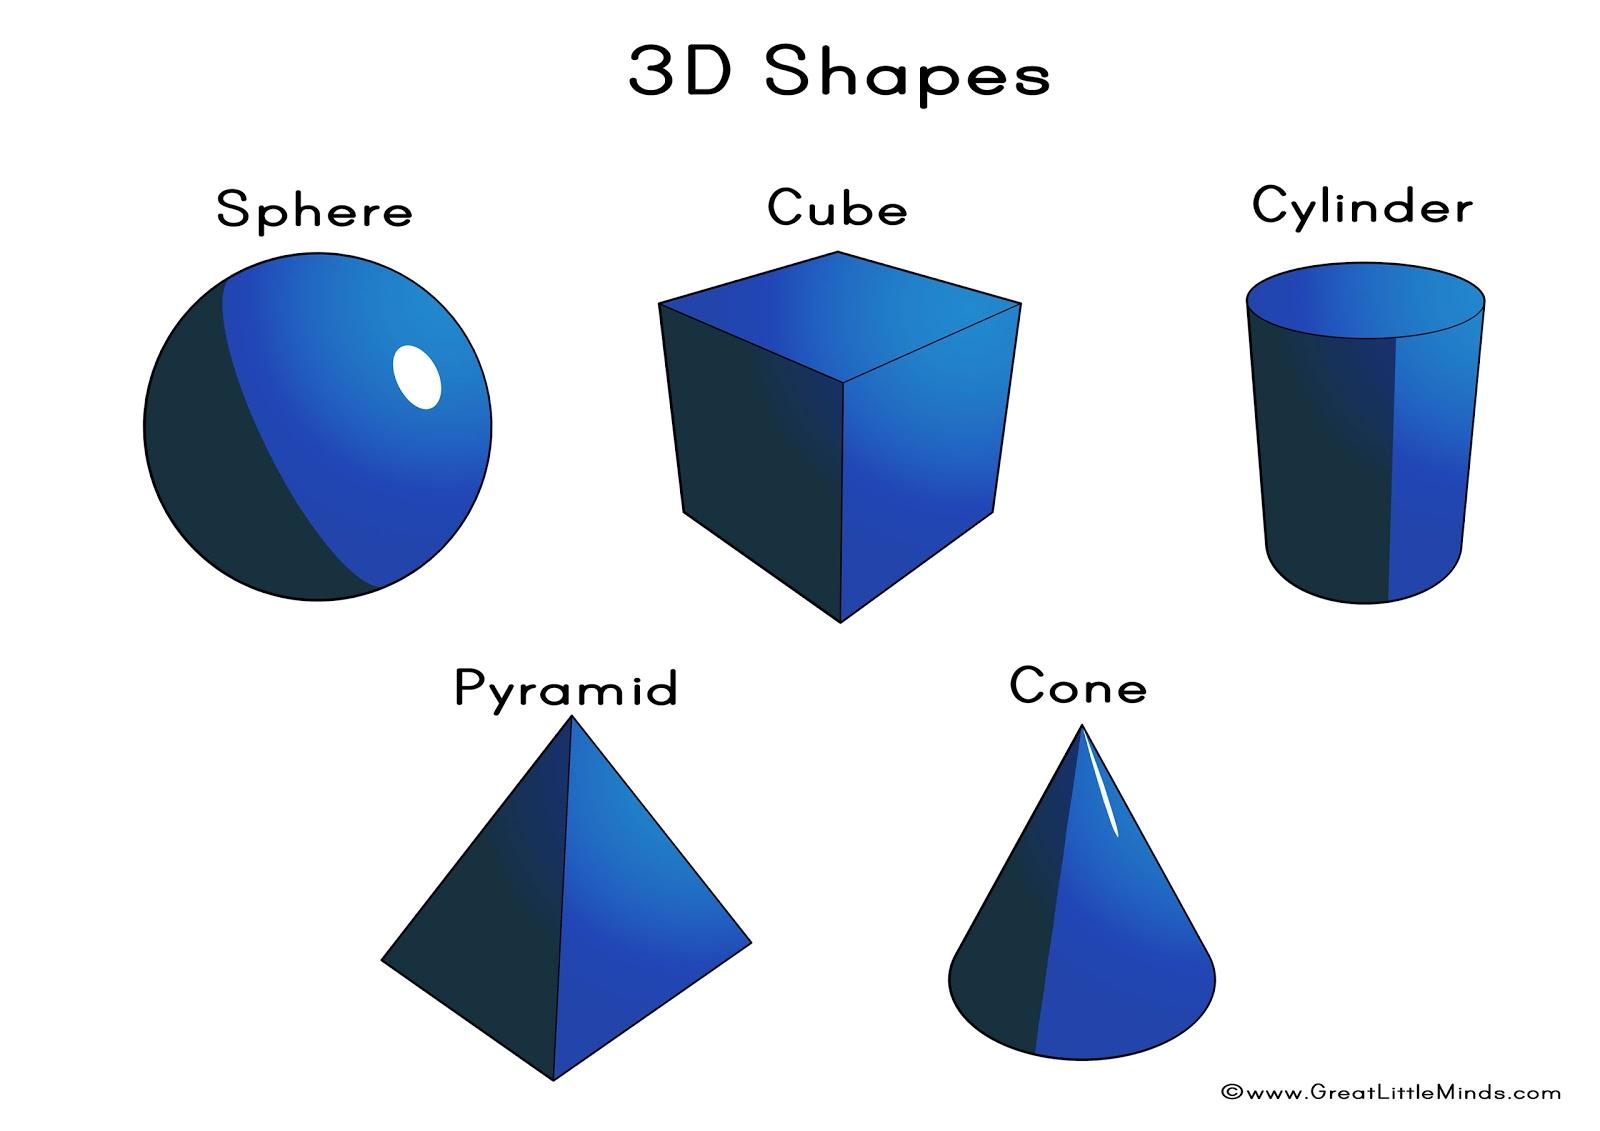 3d Scanner Image 3d Shapes